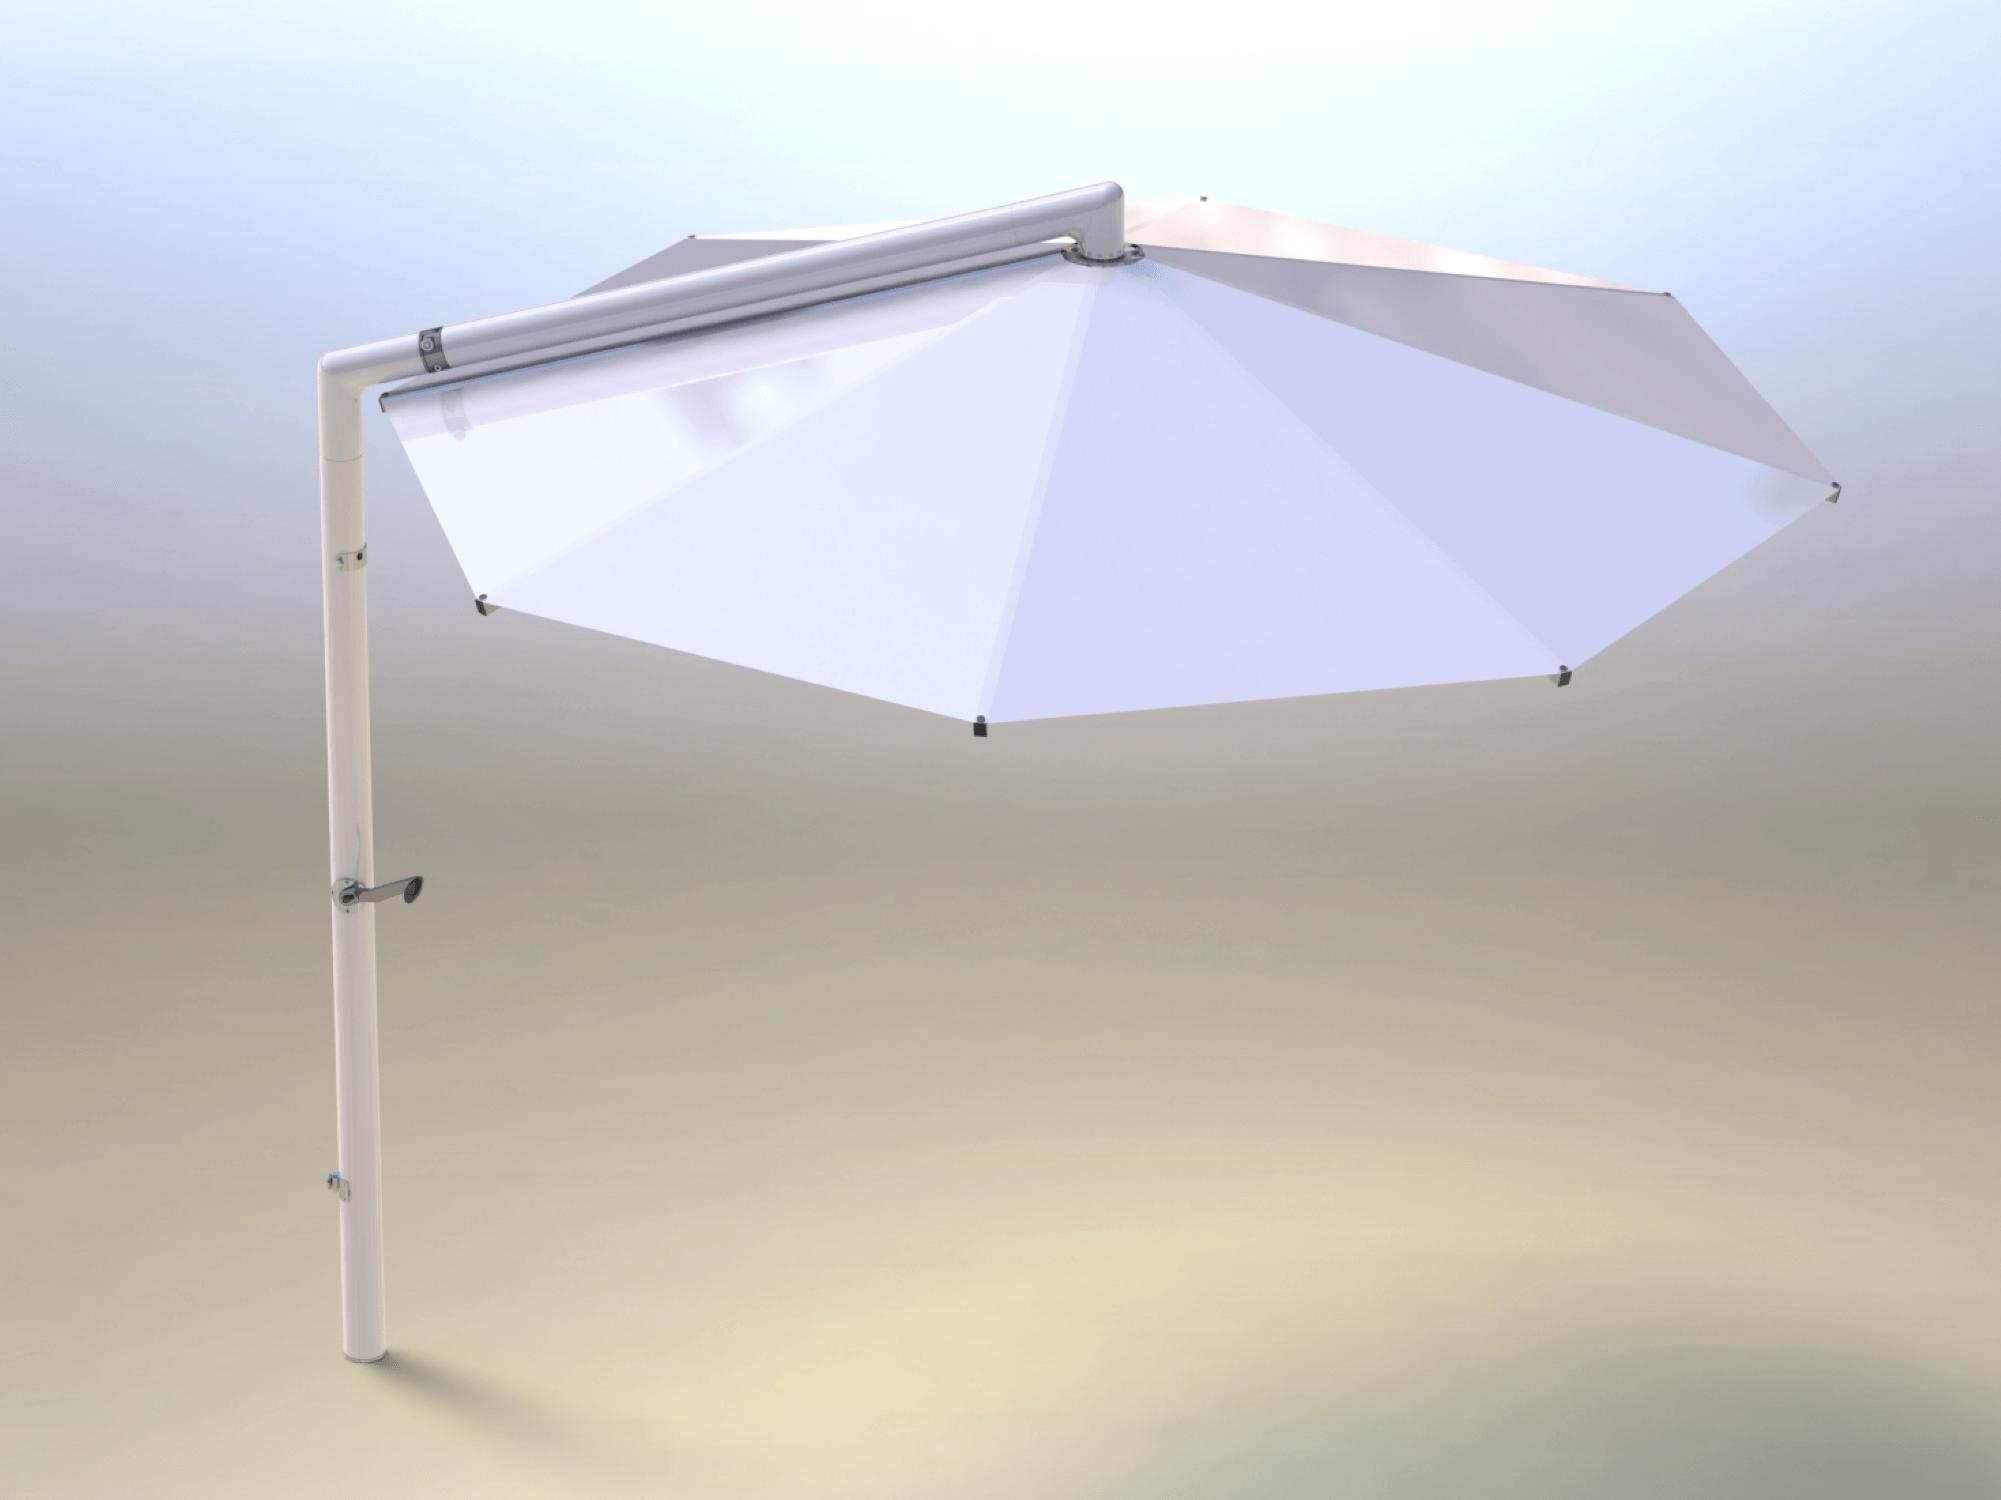 Sonnenschutz mit Yacht-Standard